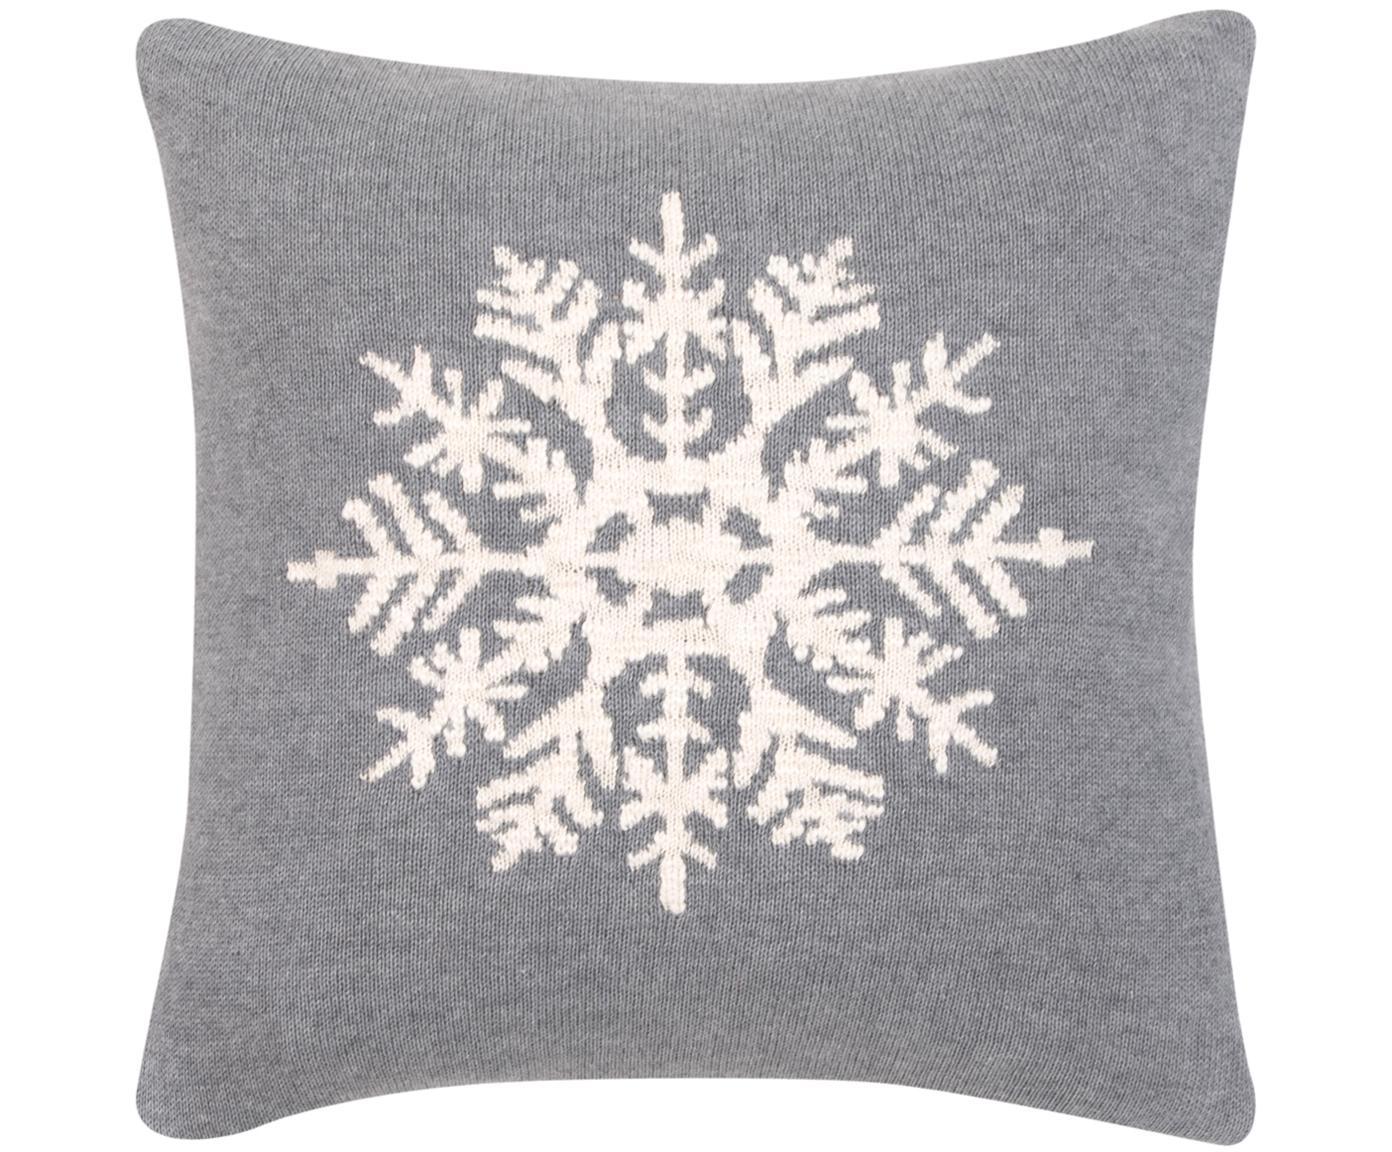 Federa arredo con motivo fiocco di neve Snowflake, Cotone, Grigio, crema, Larg. 40 x Lung. 40 cm